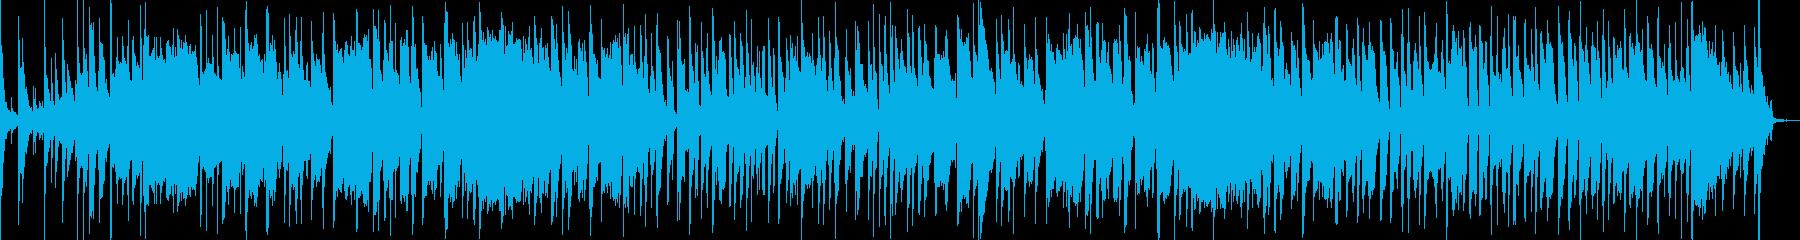 壮大 バンド 振りかぶり フュージ...の再生済みの波形